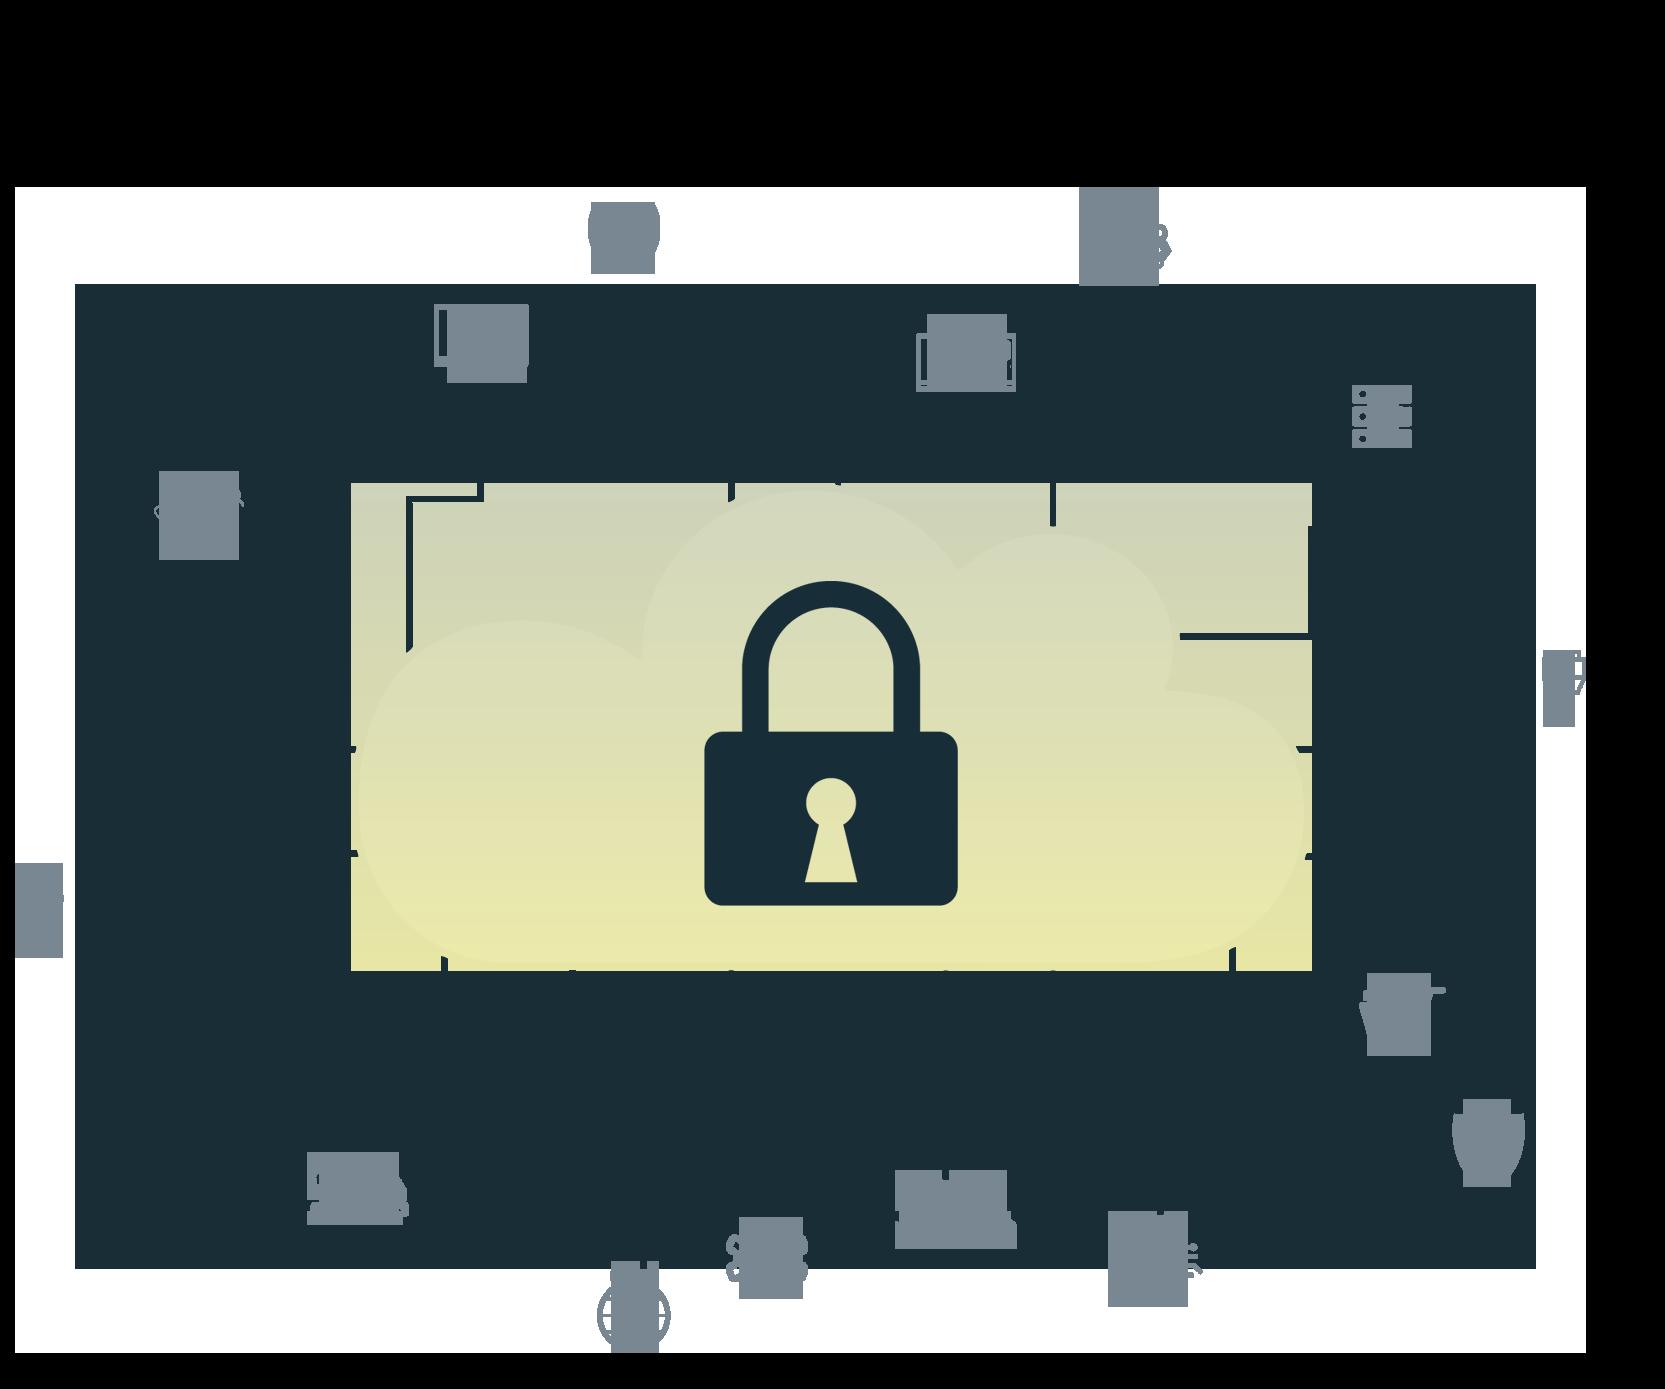 up2parts-Datensicherheit-DSGVO-konform-SSL-TSL-Verschlüsselung